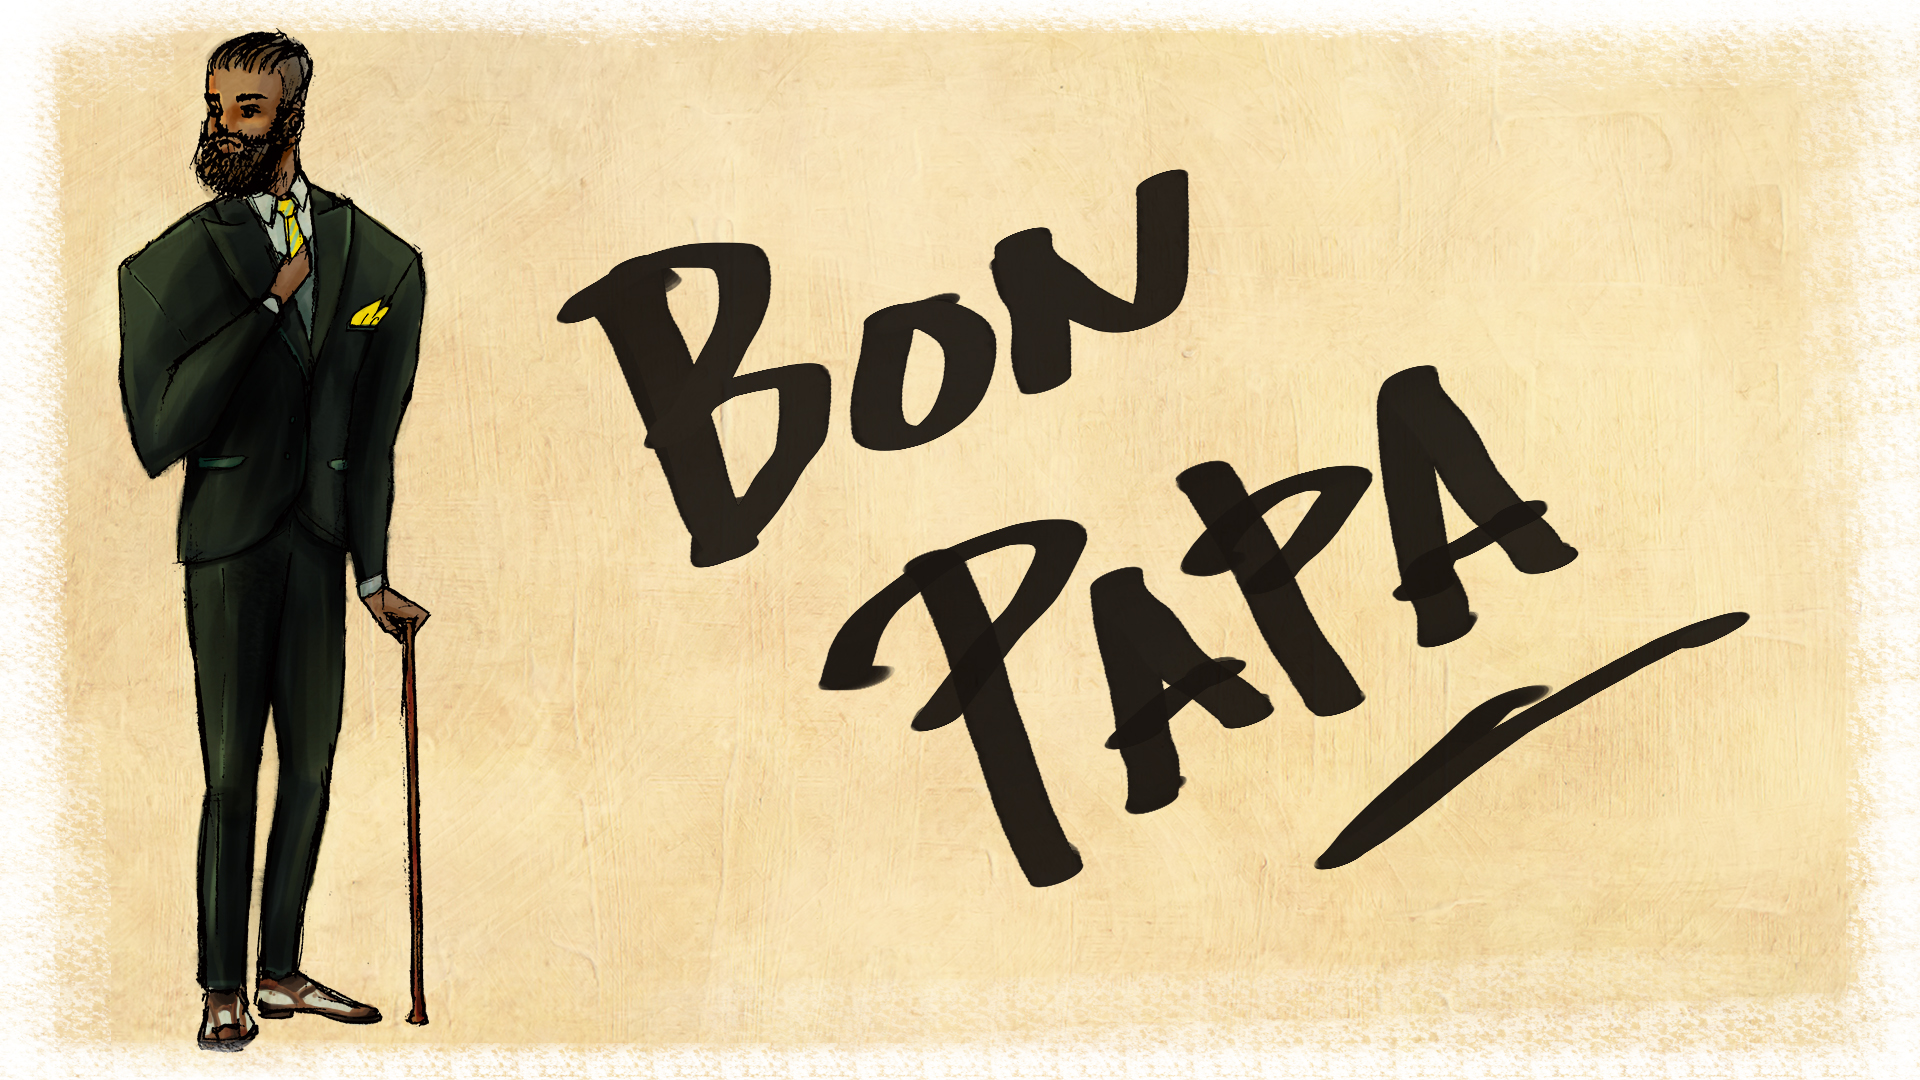 BonPapaJPG